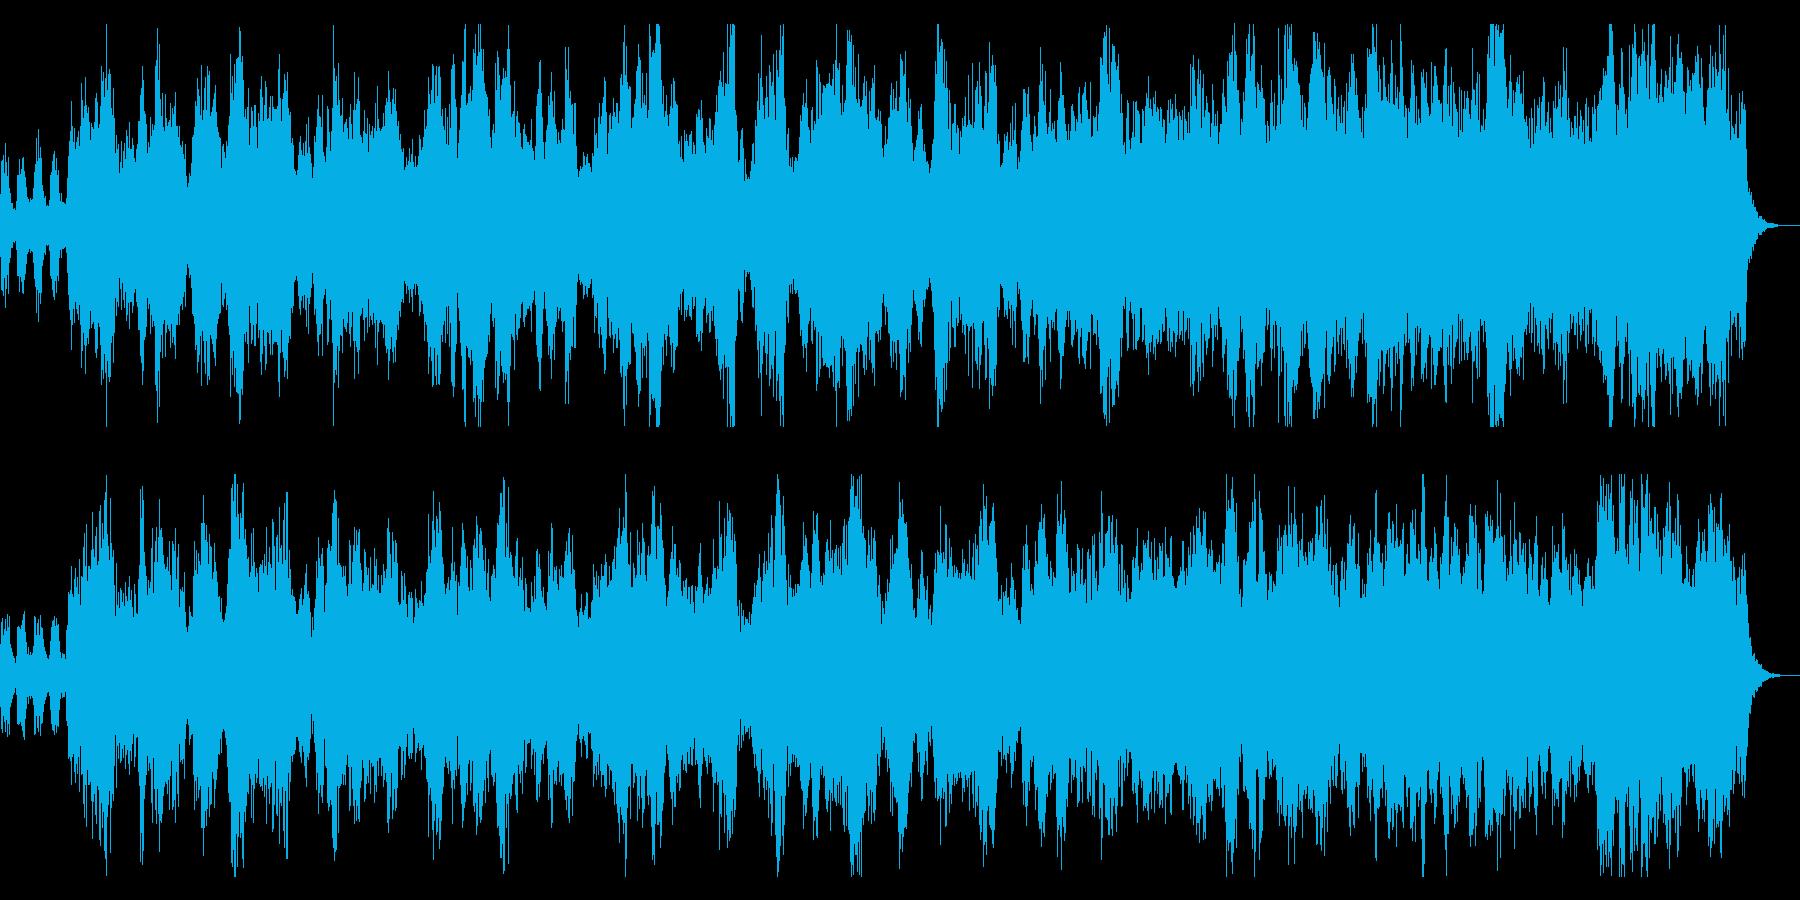 ミステリアスでダークなBGMの再生済みの波形